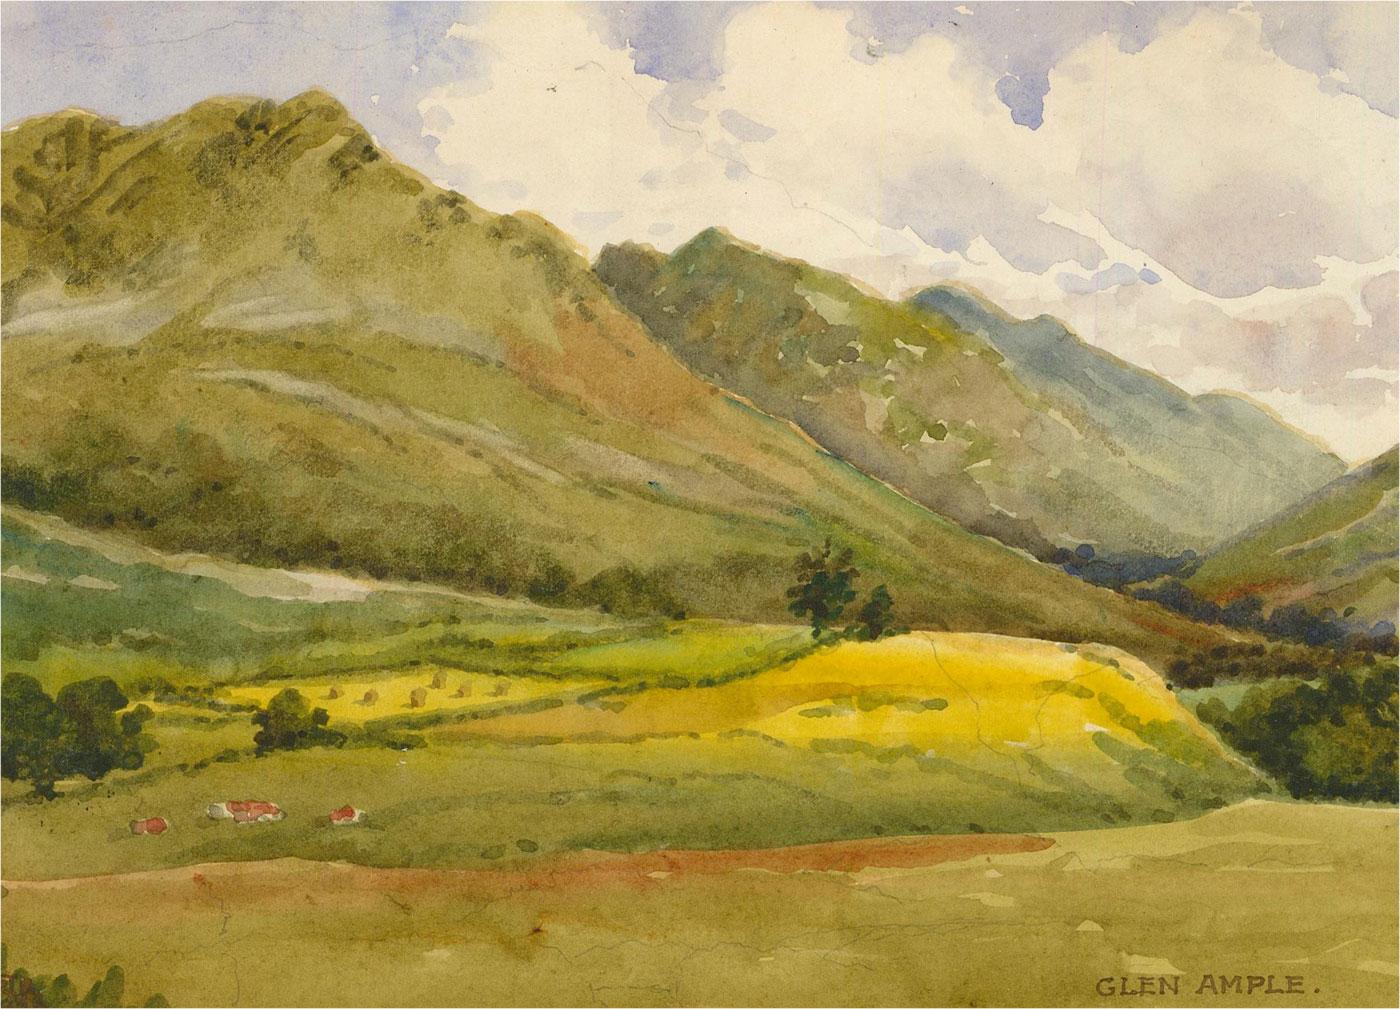 Raymond Turner Barker (1872-1945) - 1938 Watercolour, Glen Ample